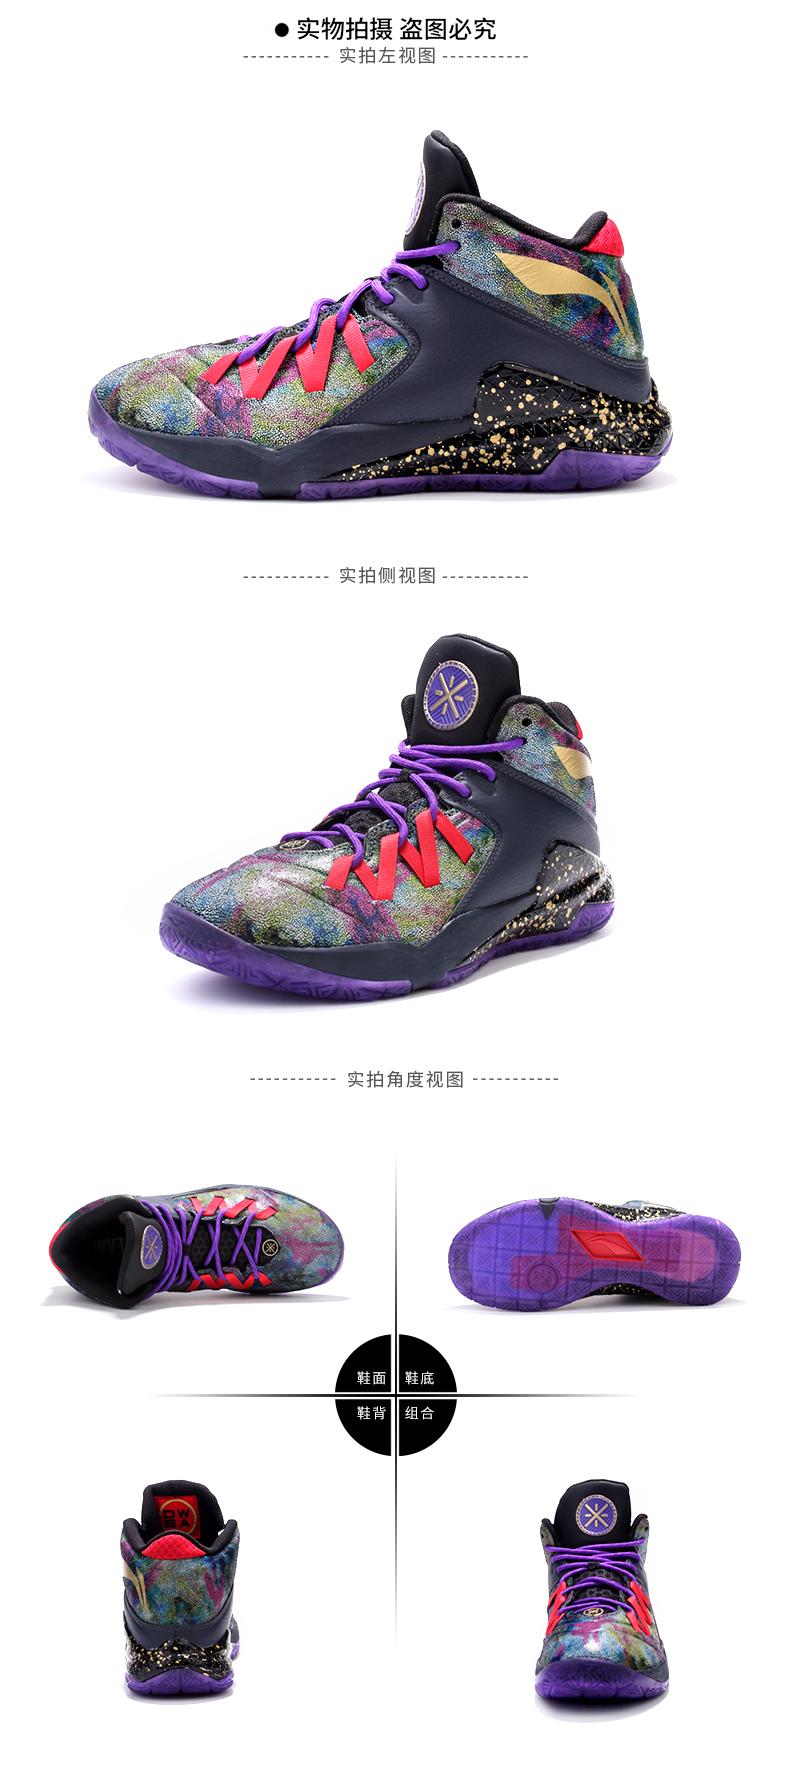 Giày bóng rổ nam Lining 2017 3ABAL007 1 4395 - ảnh 1